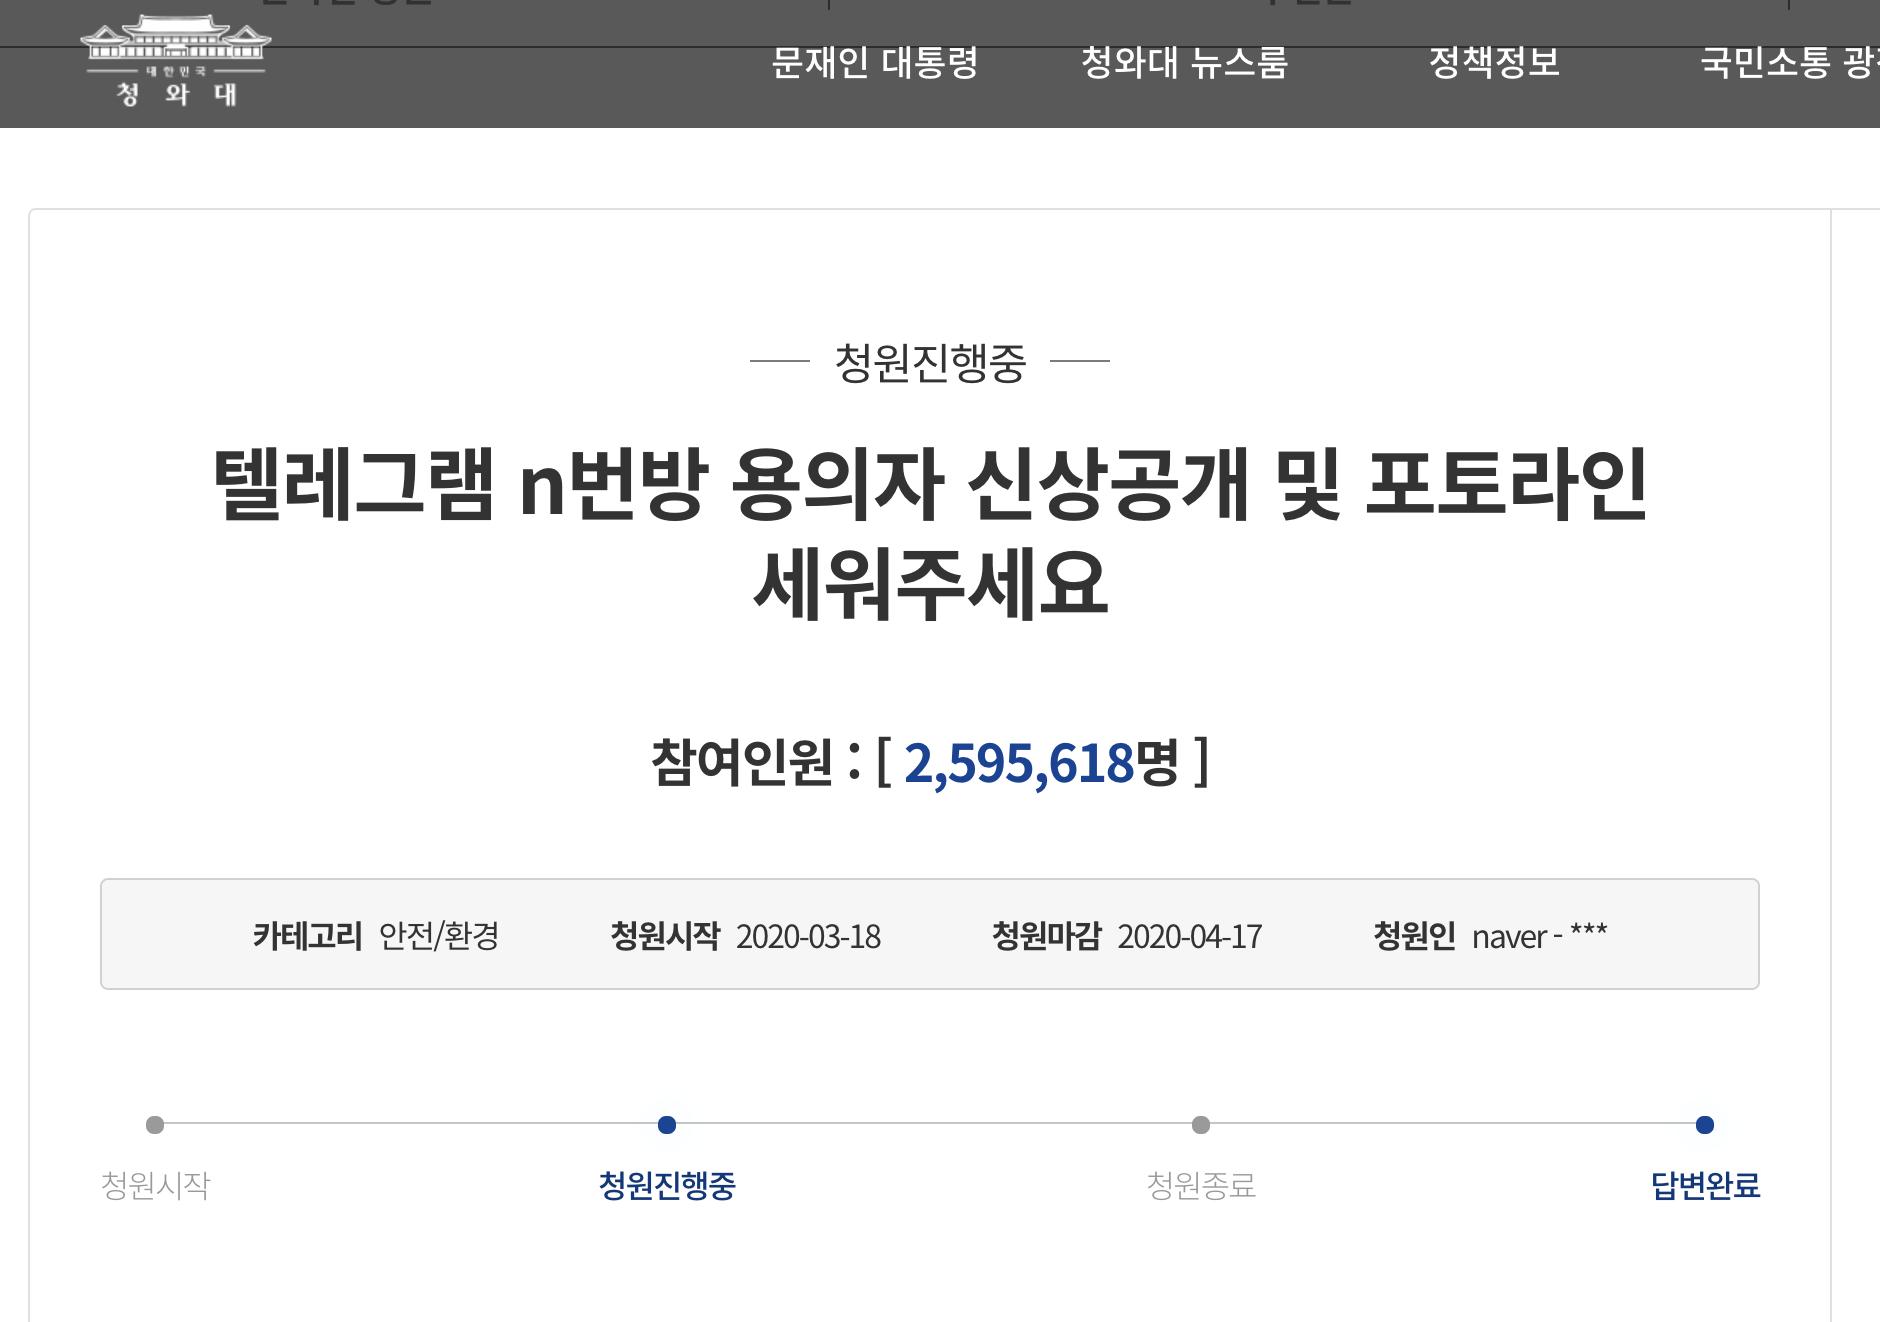 韓國N號房事件吸引超過250萬網友連署公布嫌犯個資。(圖片來源:青瓦台連署網站截圖)